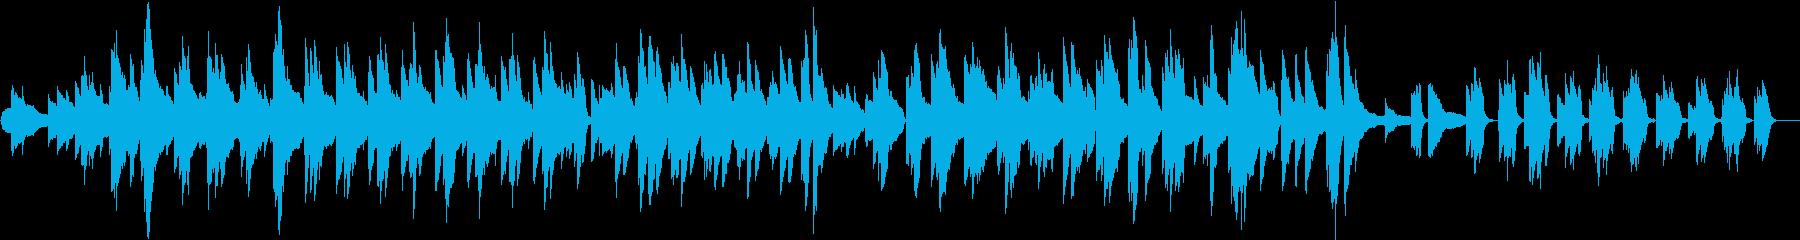 浮遊感・lo-fi のんびりピアノソロの再生済みの波形